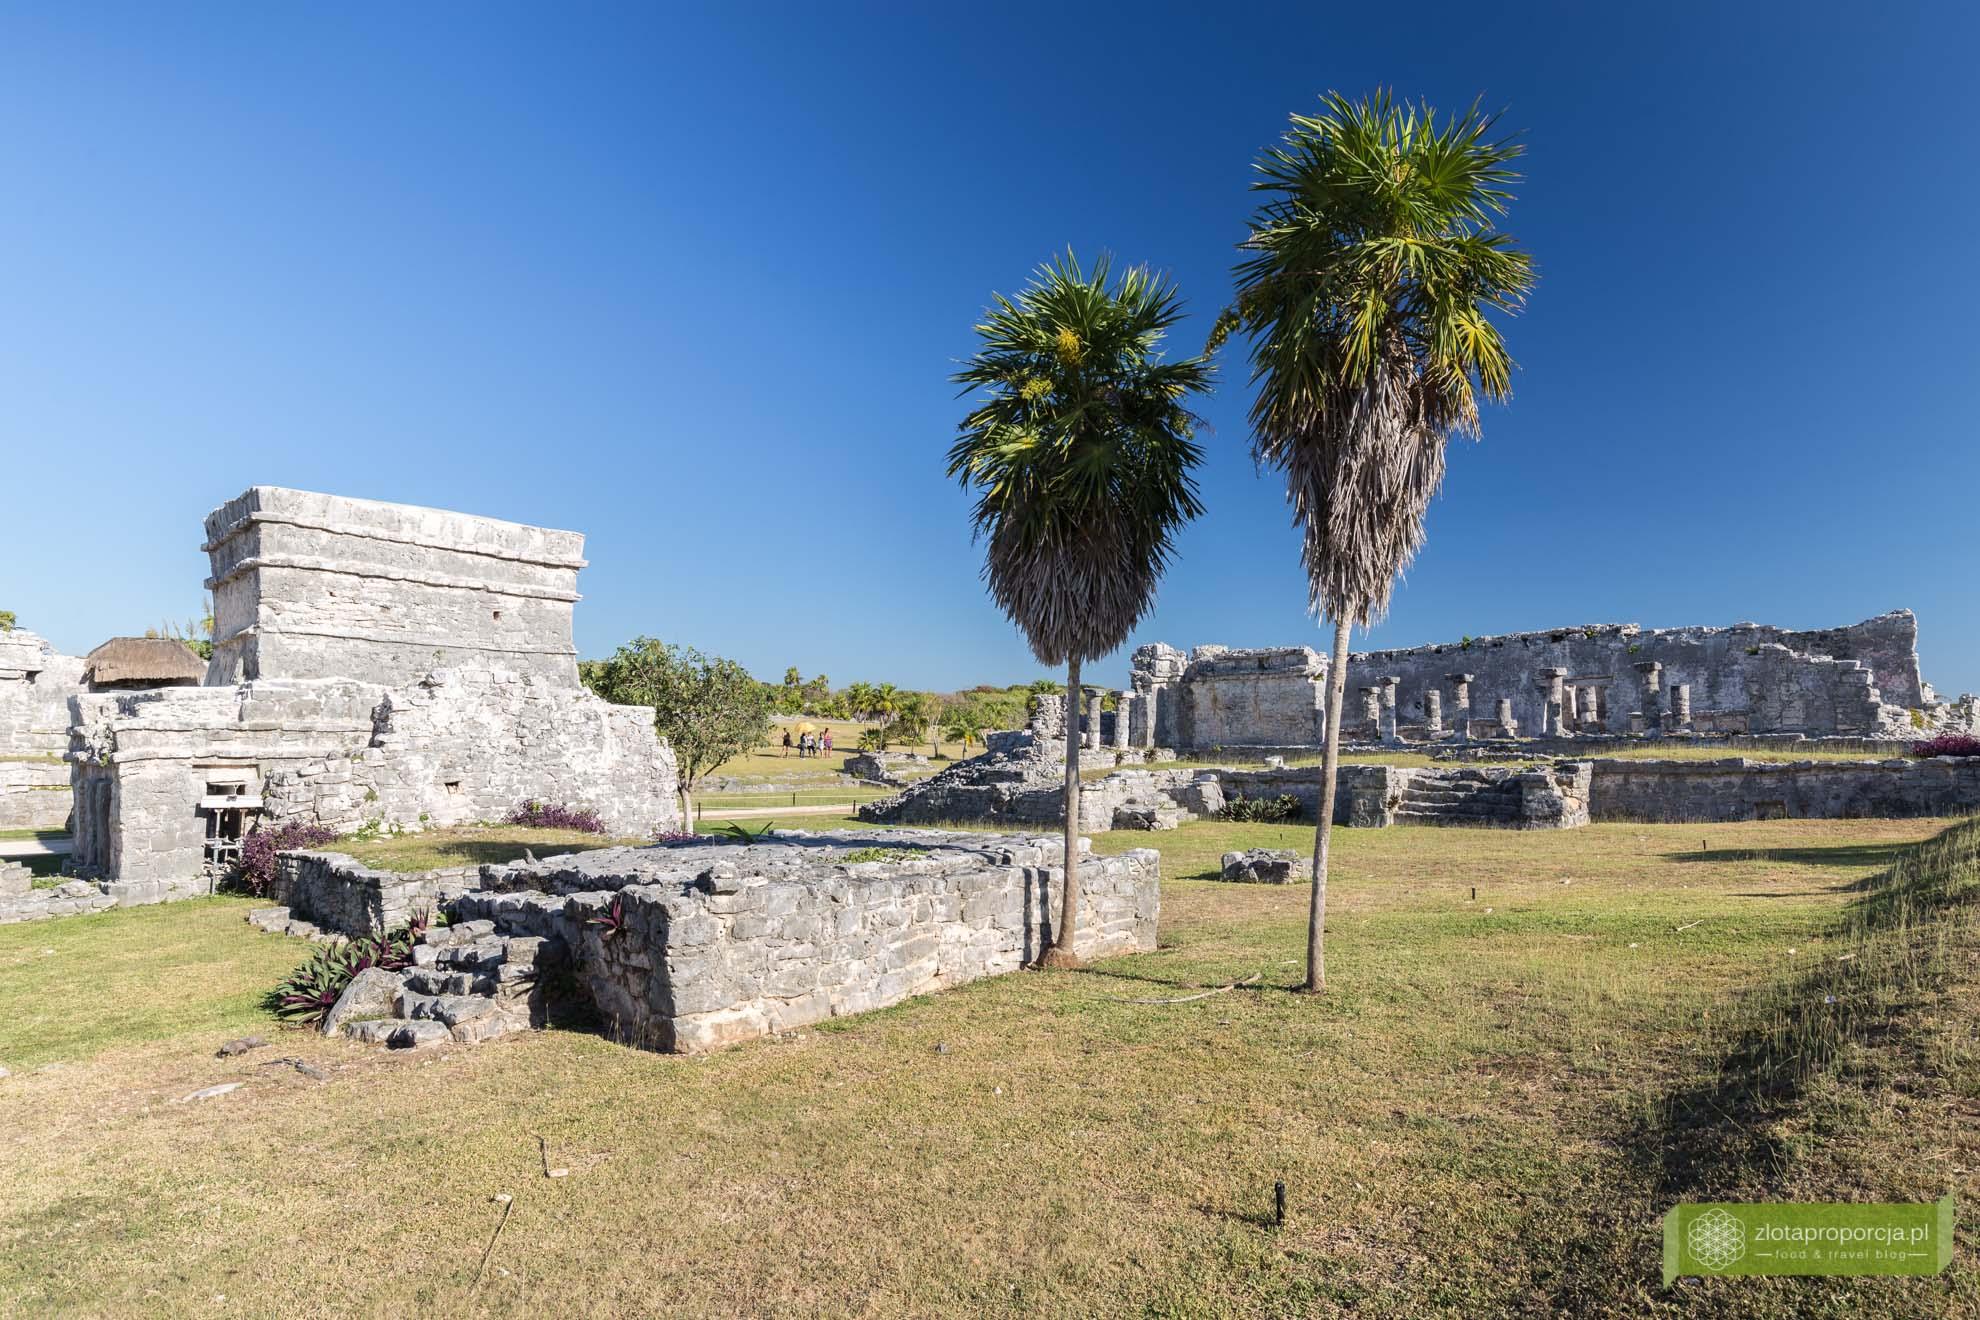 Meksyk, Miasta Majów, strefy archeologiczne na Jukatanie; Majowie budowle, Miasta Majów Meksyk, Majowie osiągnięcia; Tulum, Miasta Majów Jukatan, Jukatan, strefa archeologiczna Tulum;